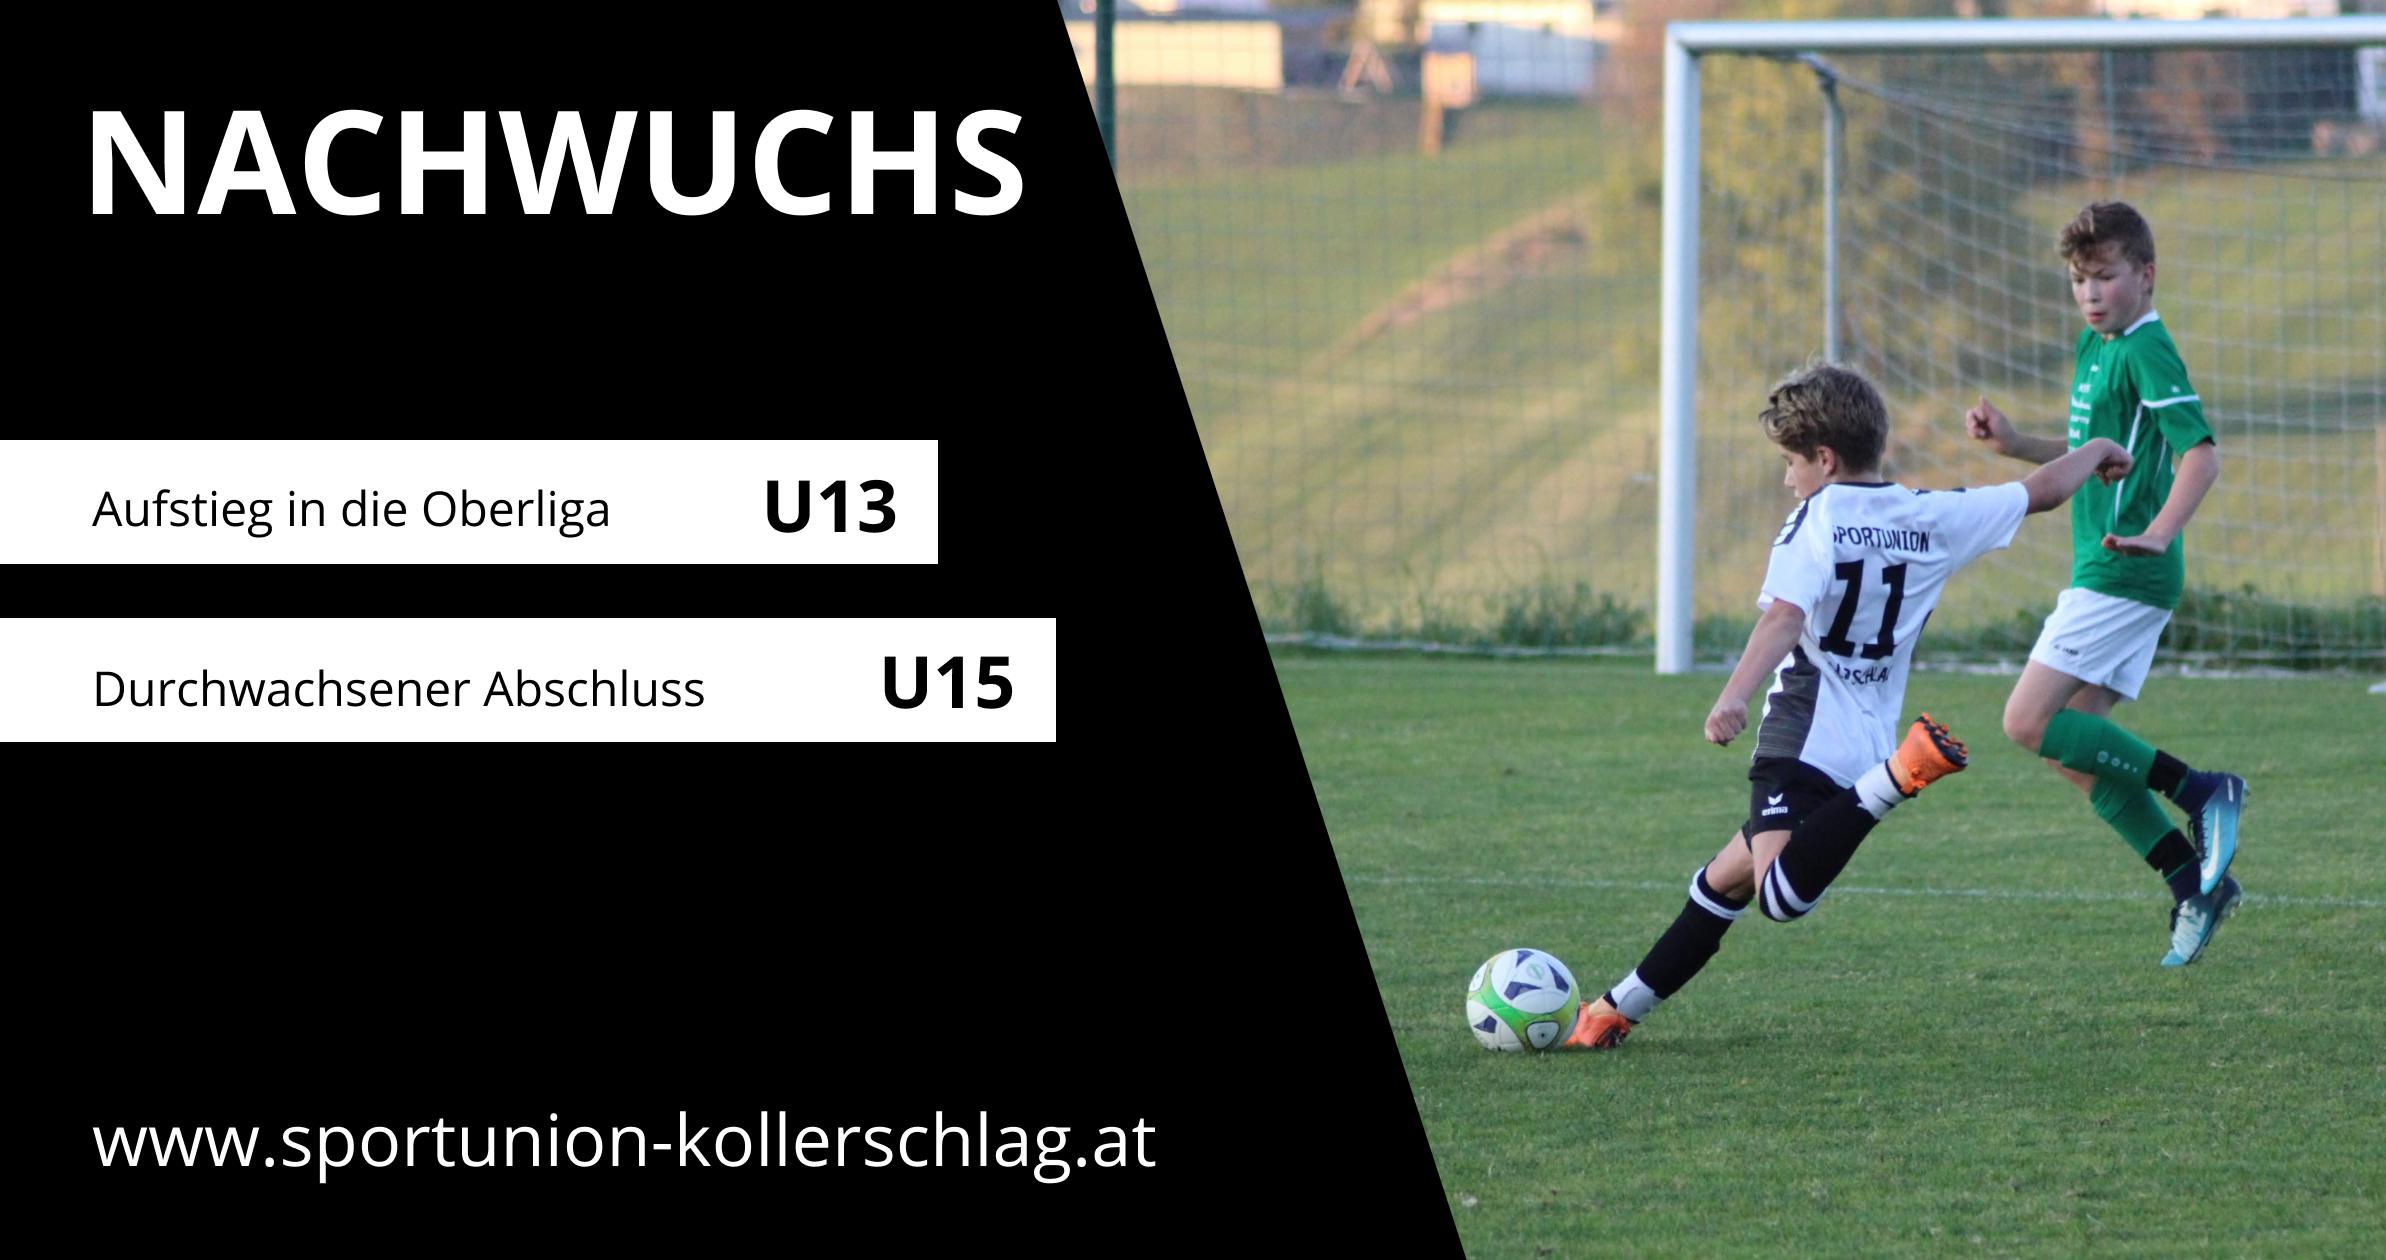 Aufstieg! Die U13 spielt im Frühjahr in der Oberliga Region Nord